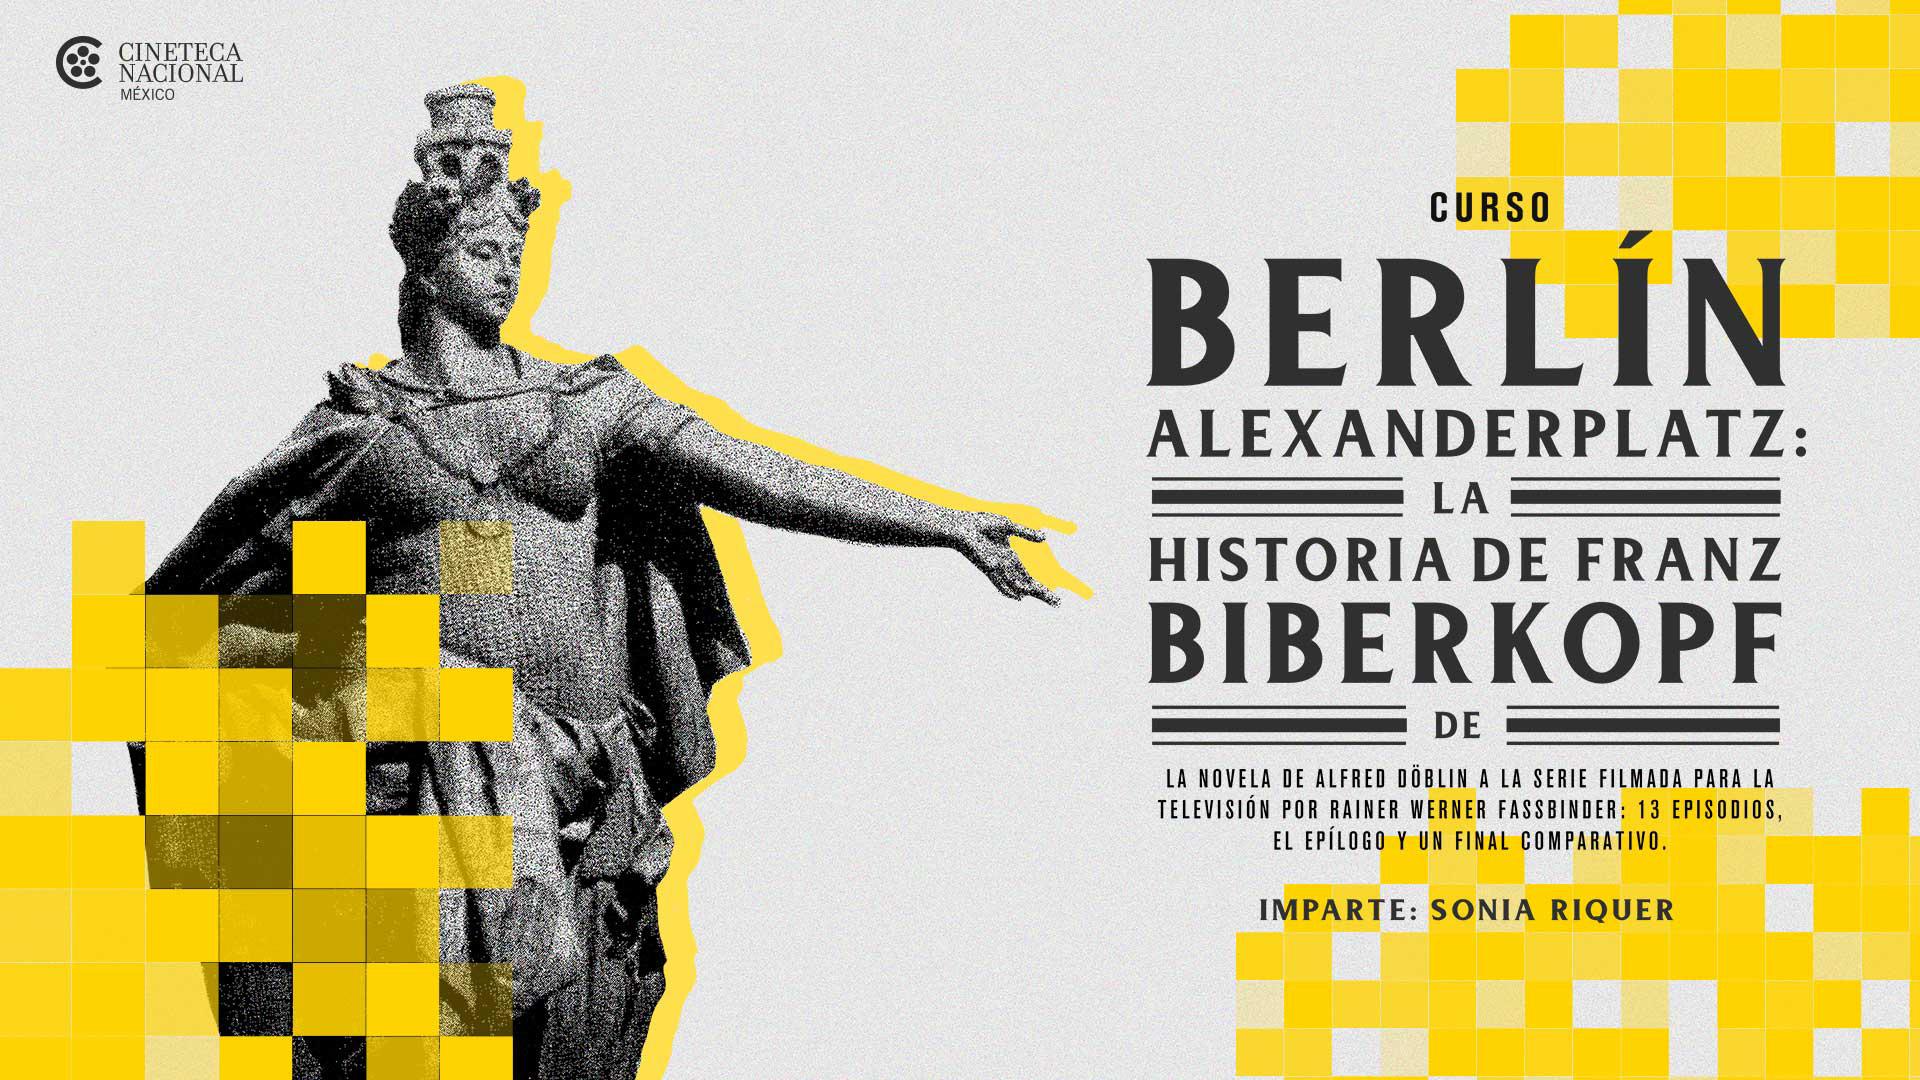 Berlín-Alexaderplatz-1920×1080